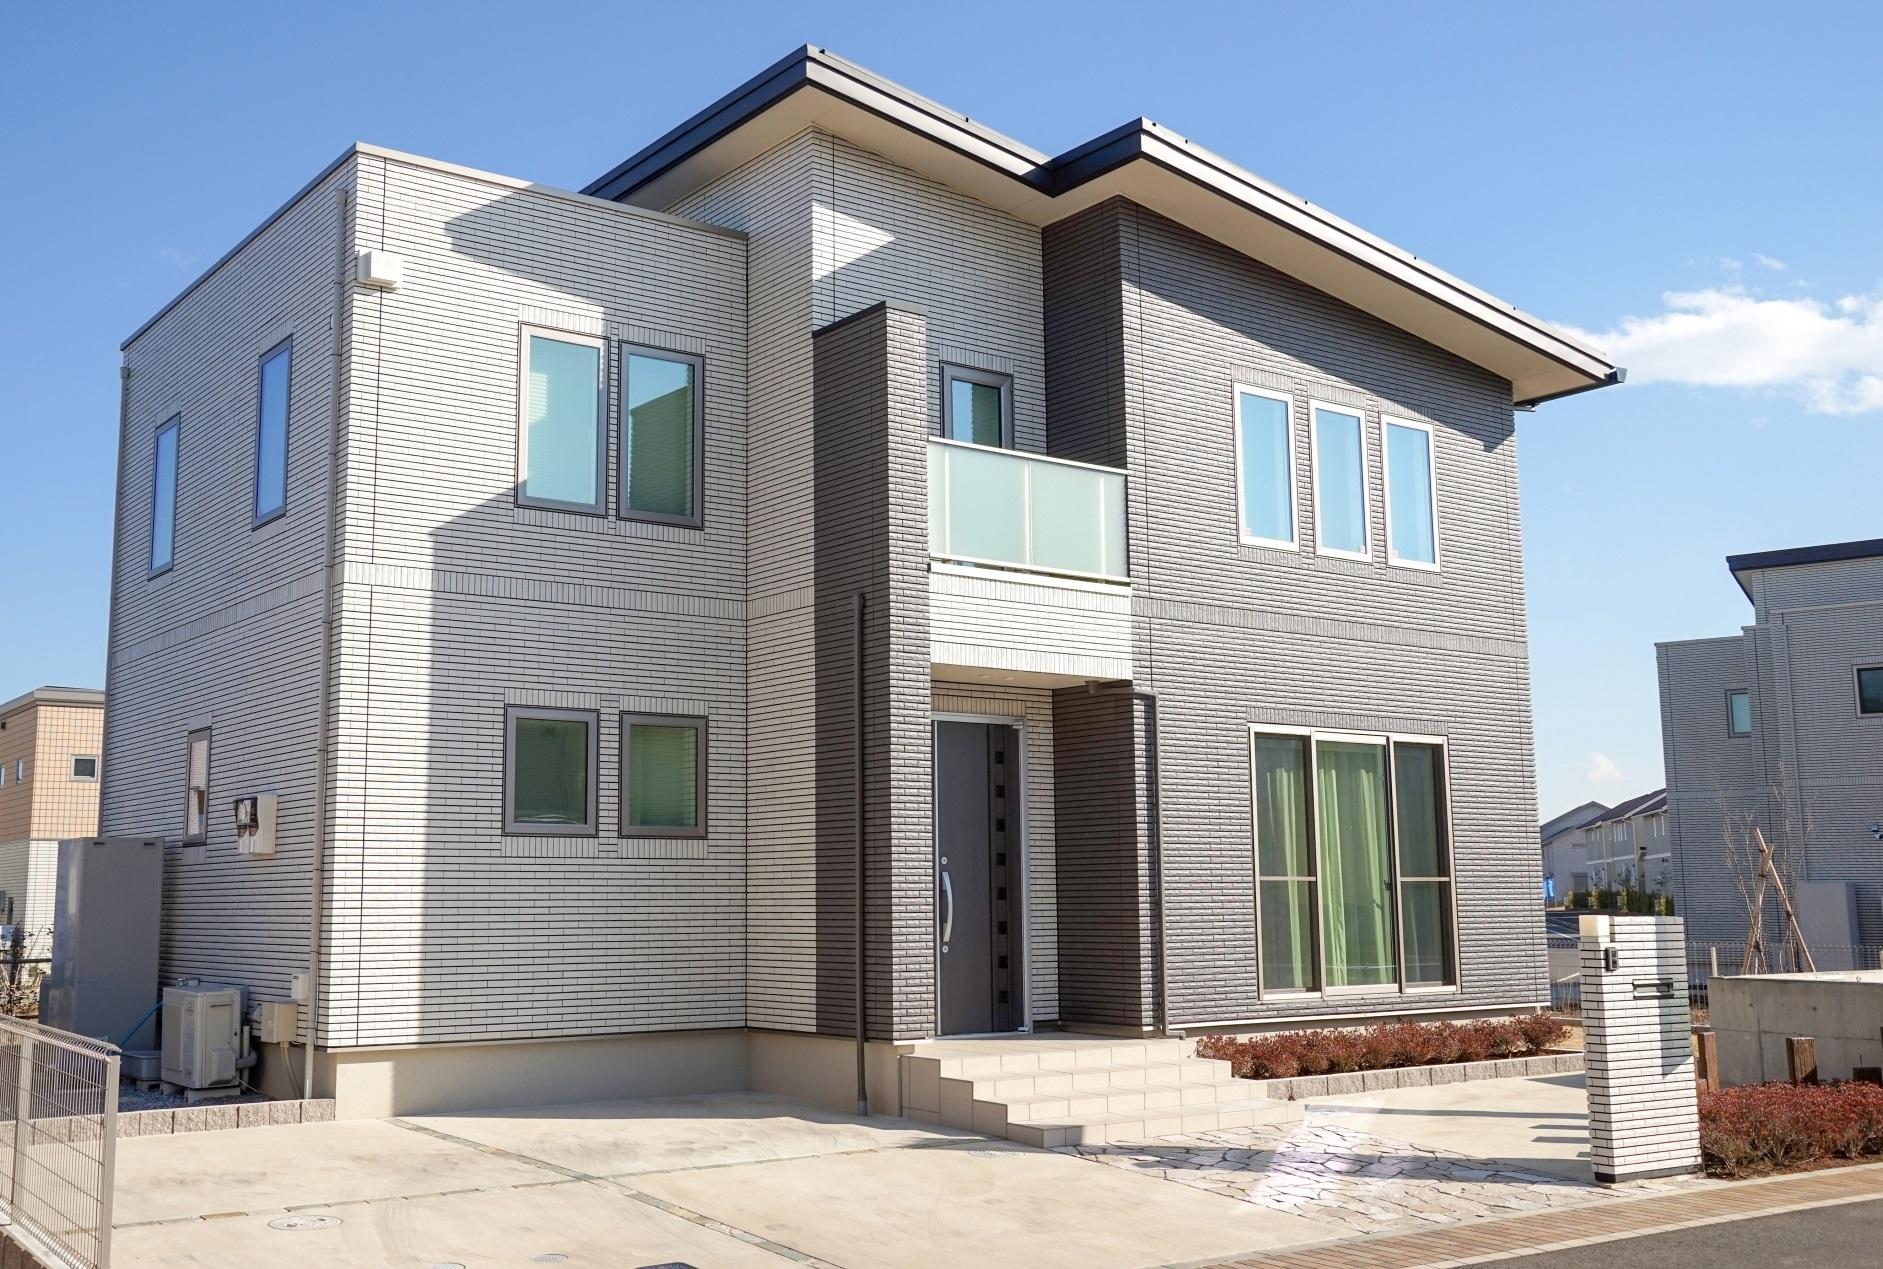 1000万円の家を建てる方法と裏技【格安!!激安で一千万円以下で建てられるローコスト注文住宅】